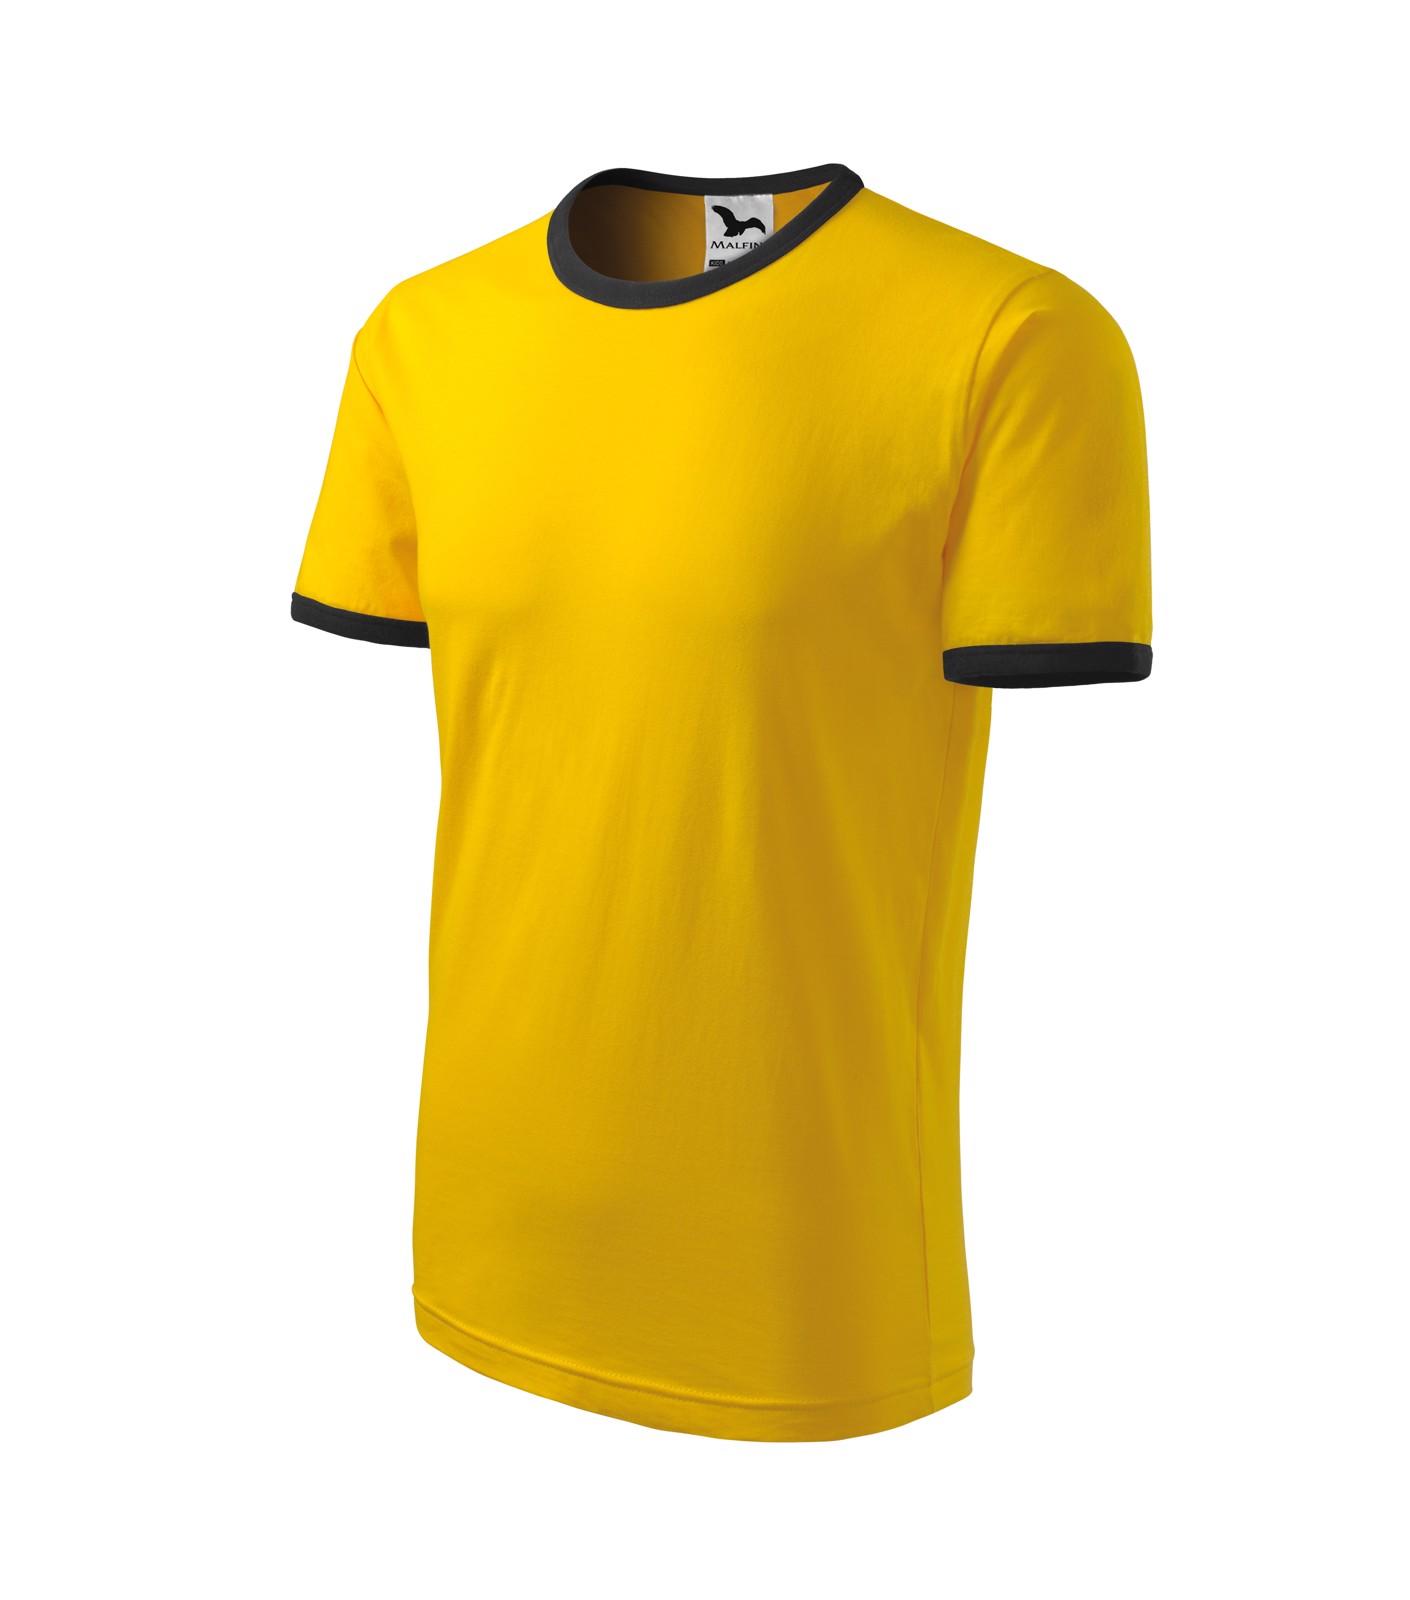 Tričko dětské Malfini Infinity - Žlutá / 122 cm/6 let